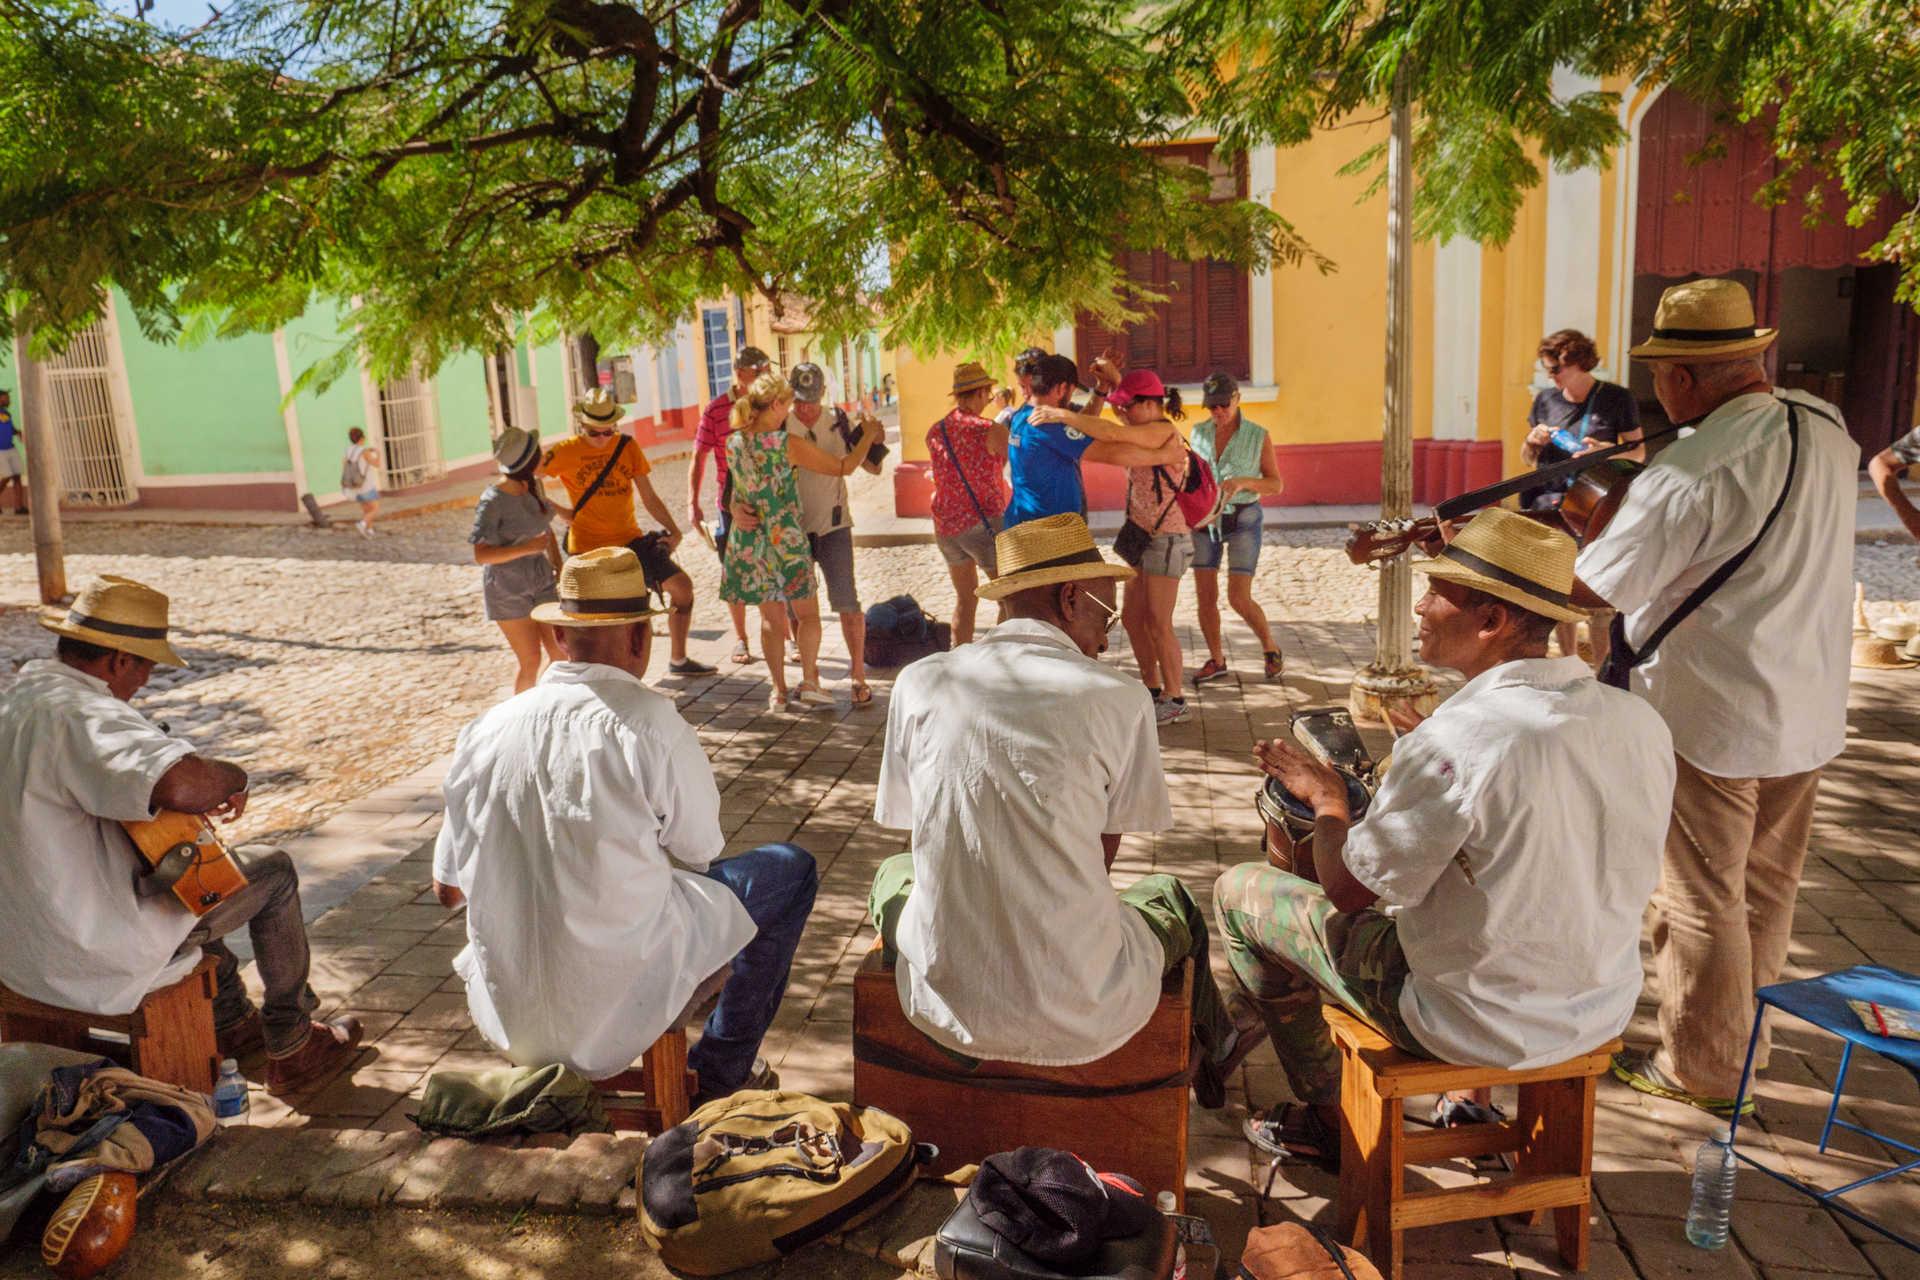 Danser la salsa dans les rues de Trinidad